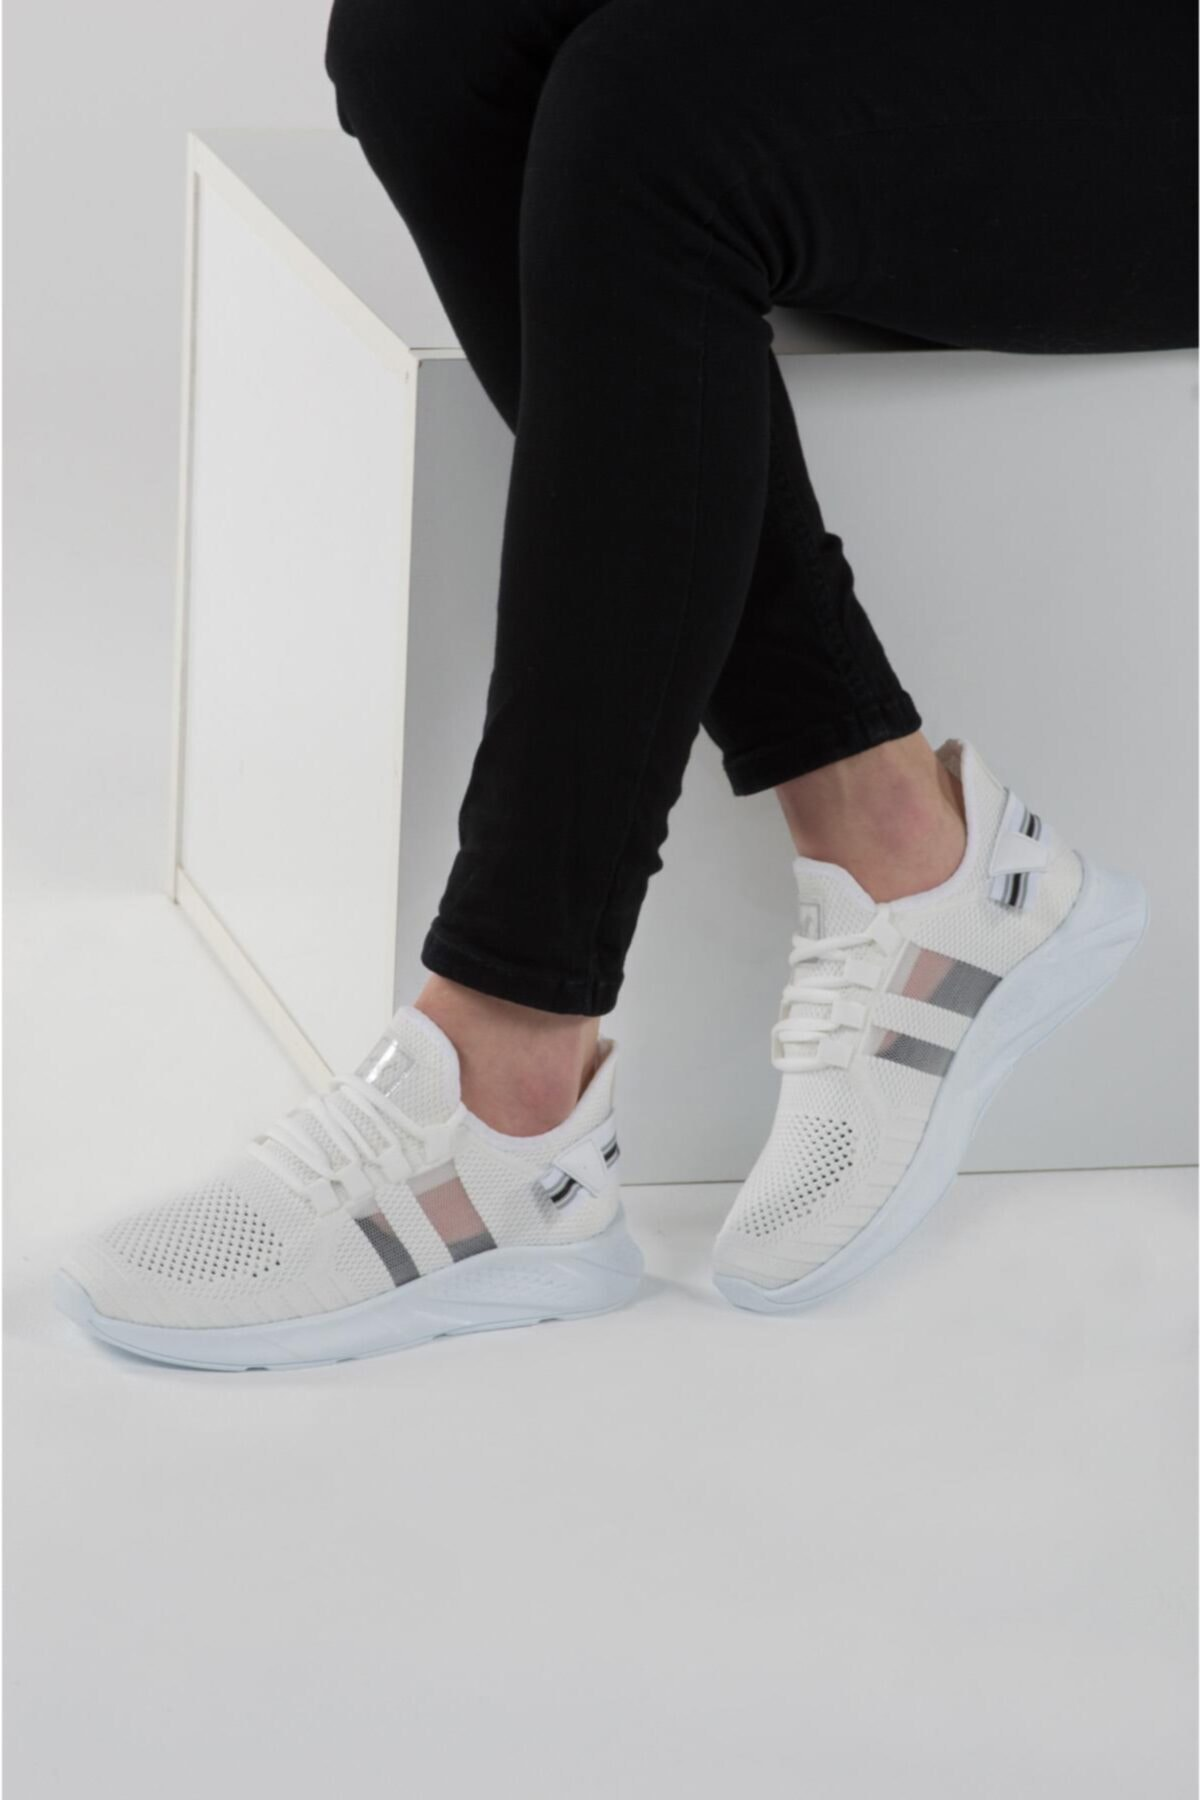 L.A Polo 136 Beyaz Beyaz Delikli Yazlık Erkek Spor Ayakkabı 2